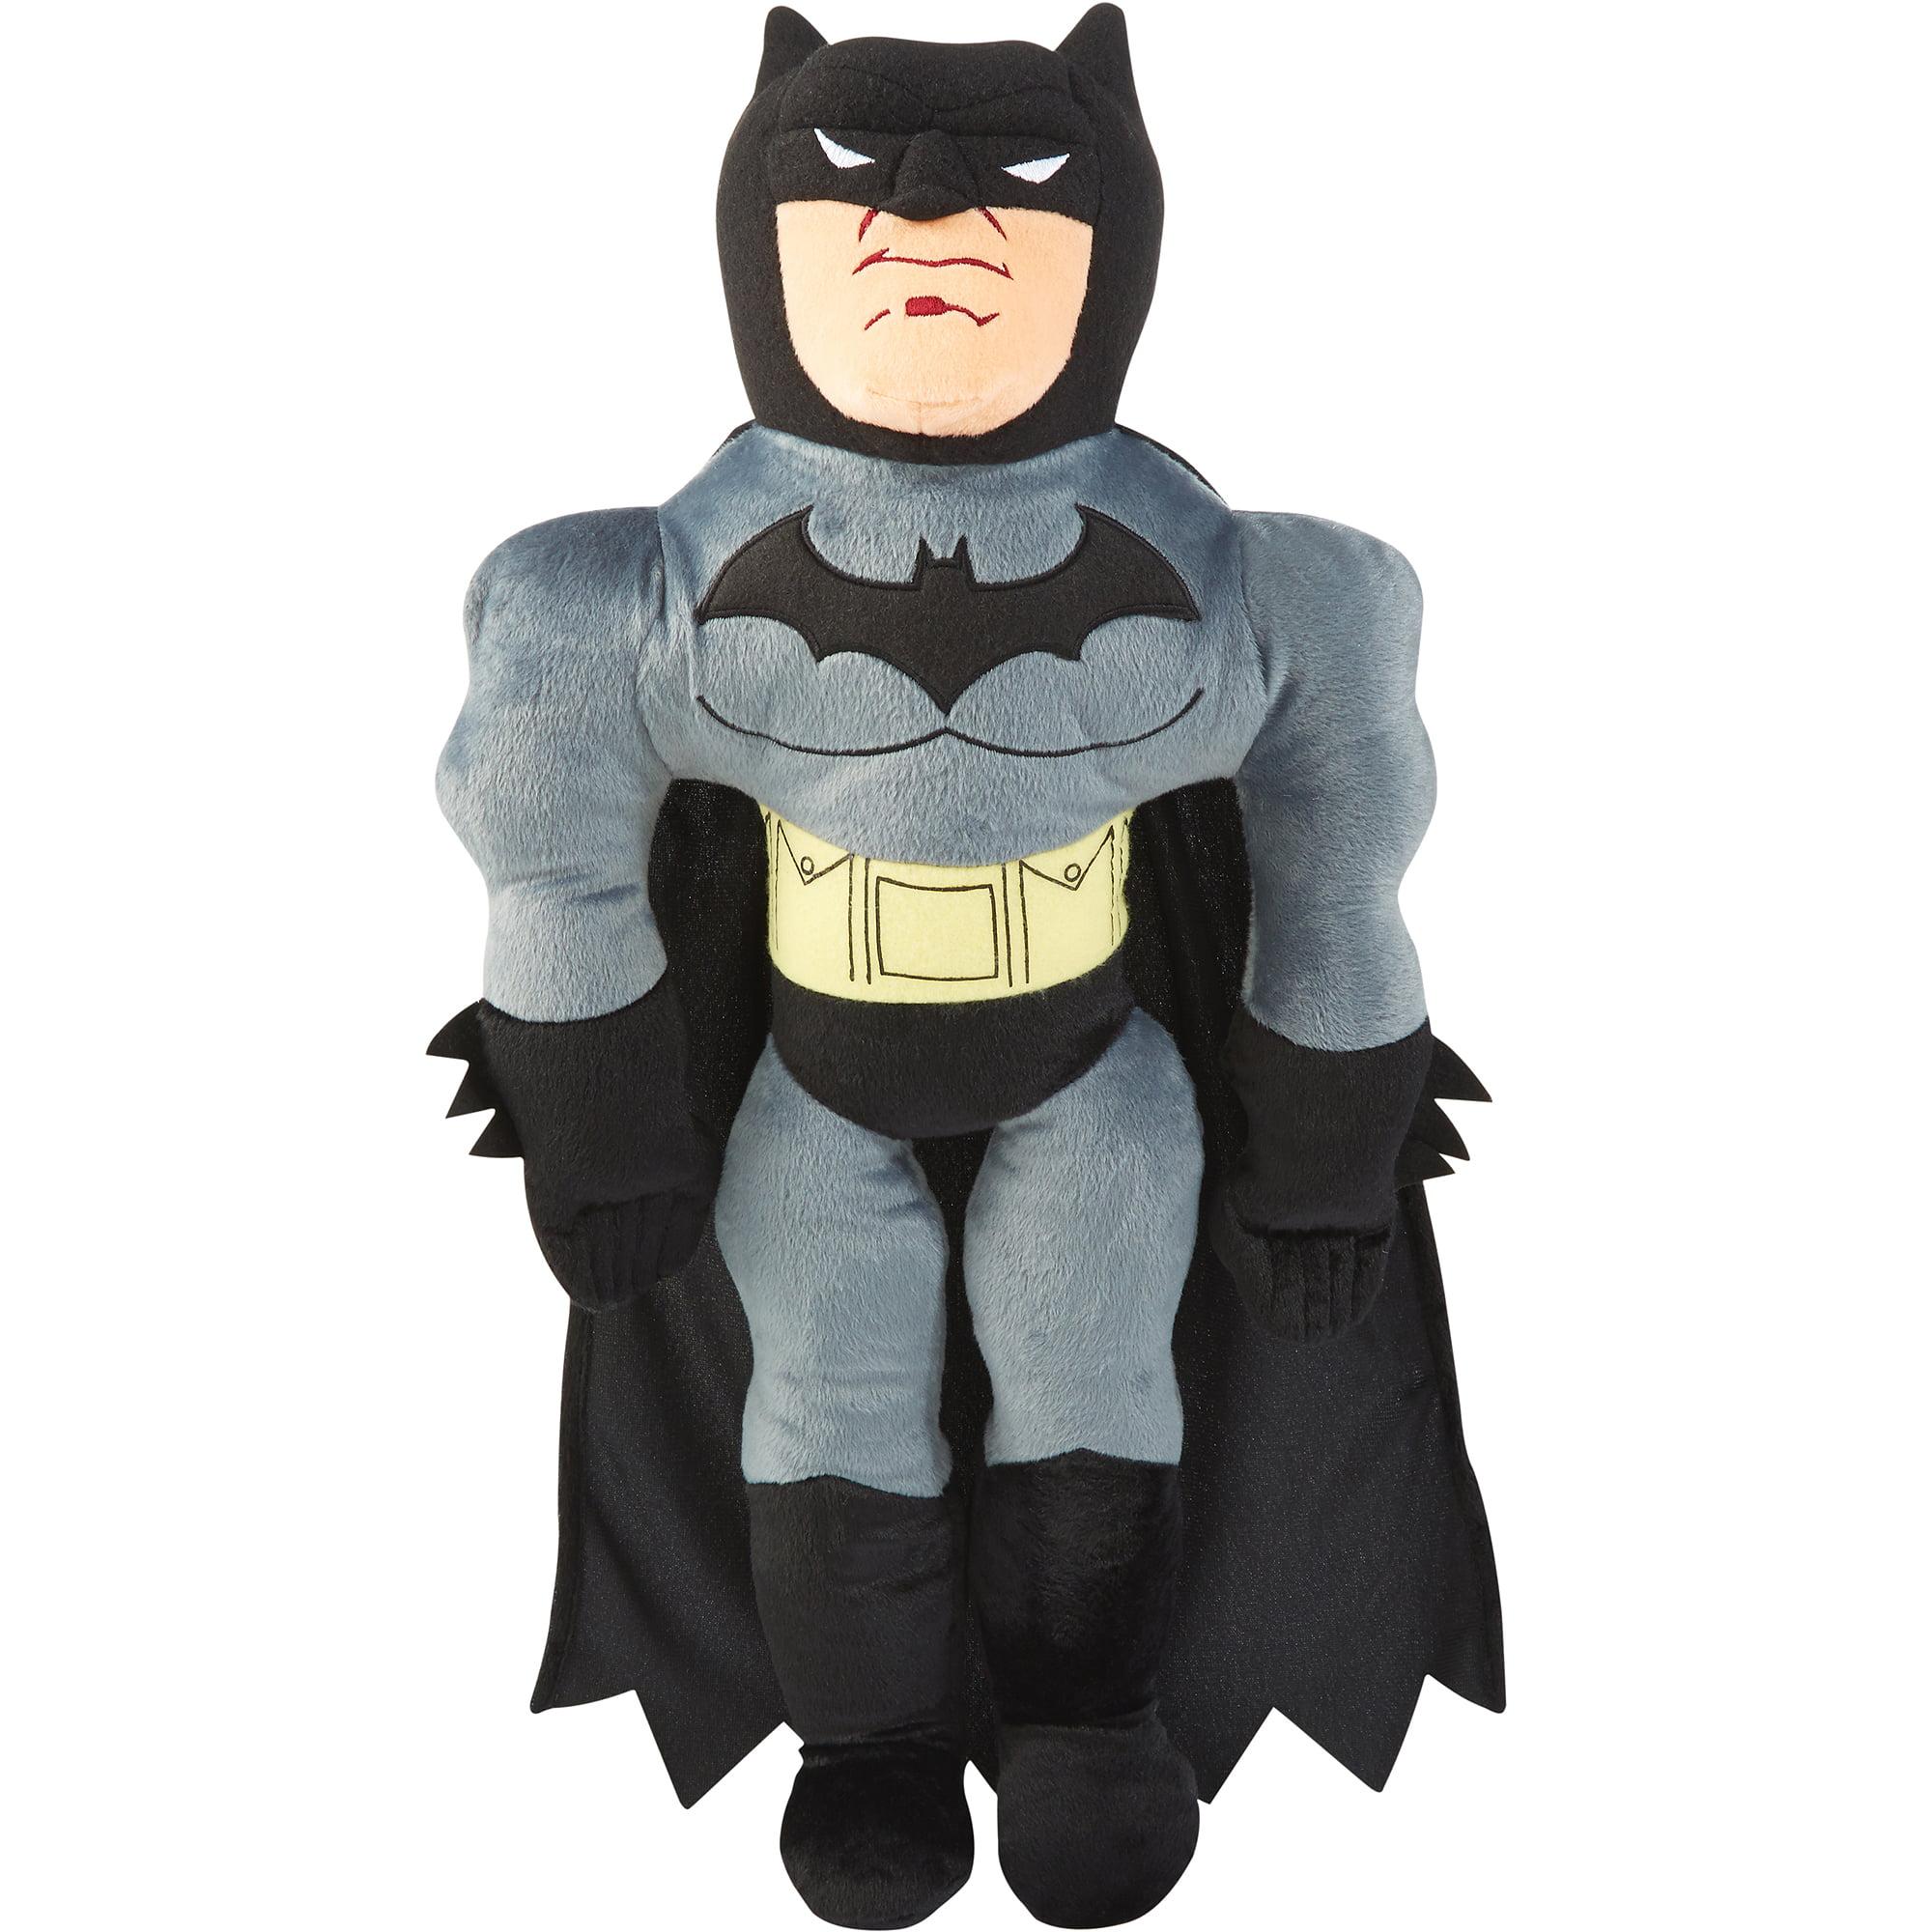 Batman Pillow Buddy